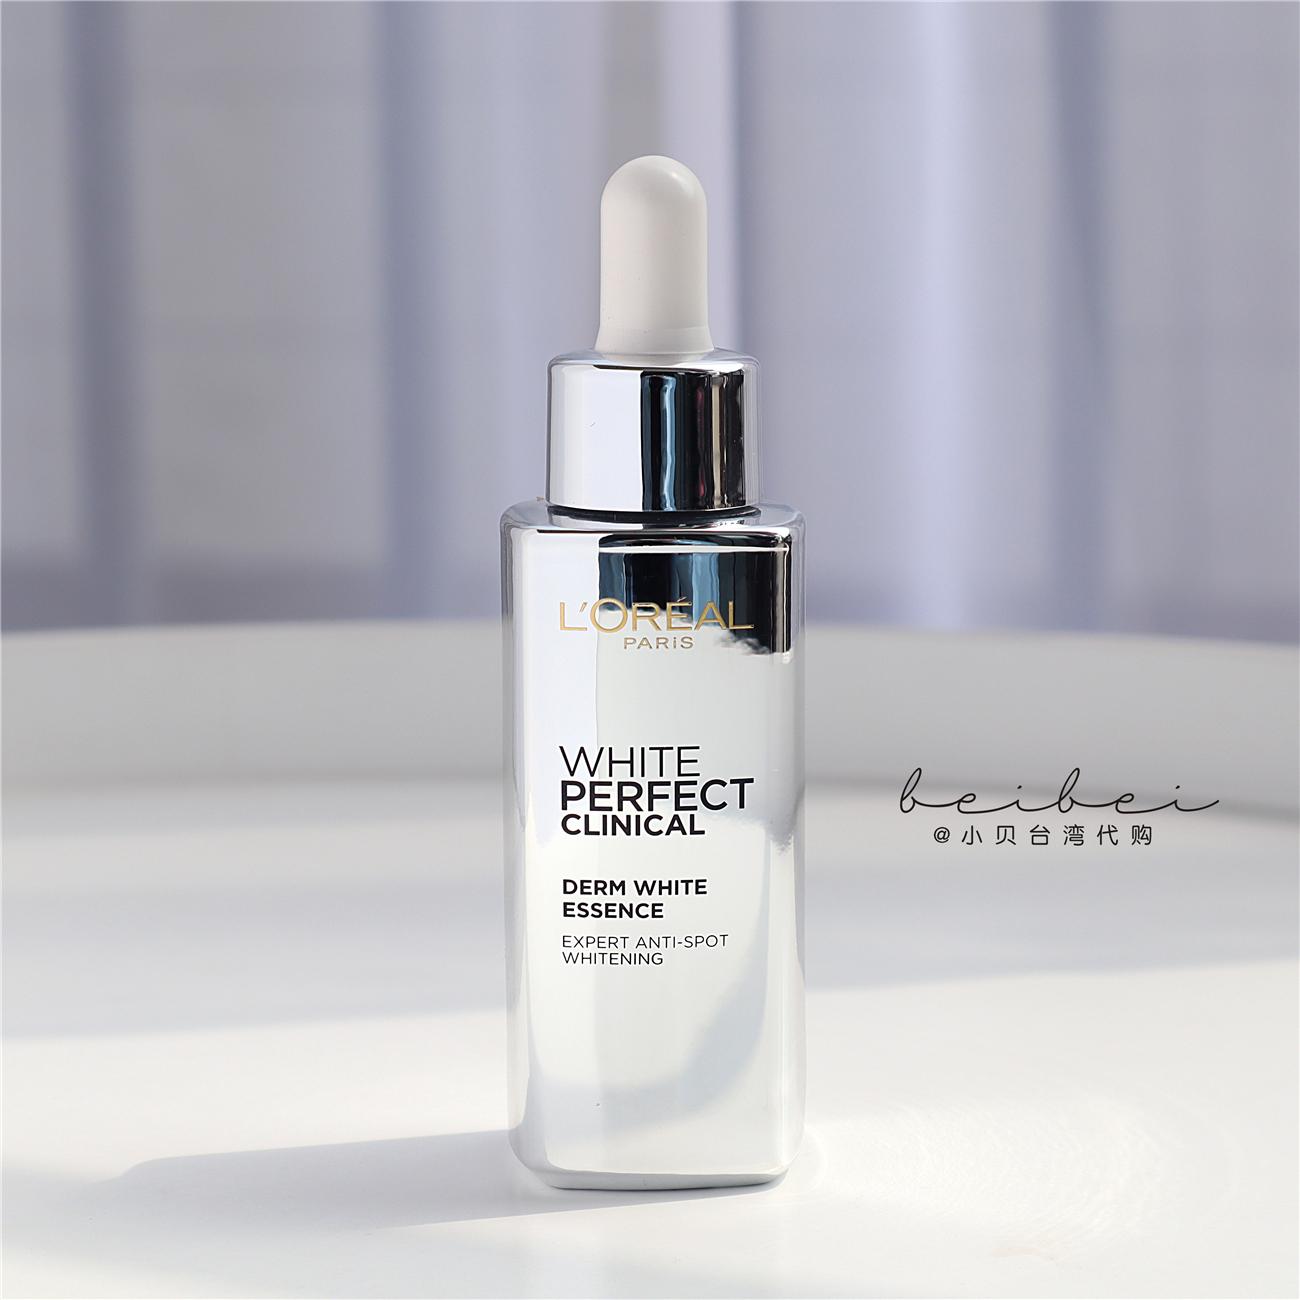 白成一道光丨欧莱雅光子瓶科研致白祛斑精华30m l烟酰胺美白淡斑